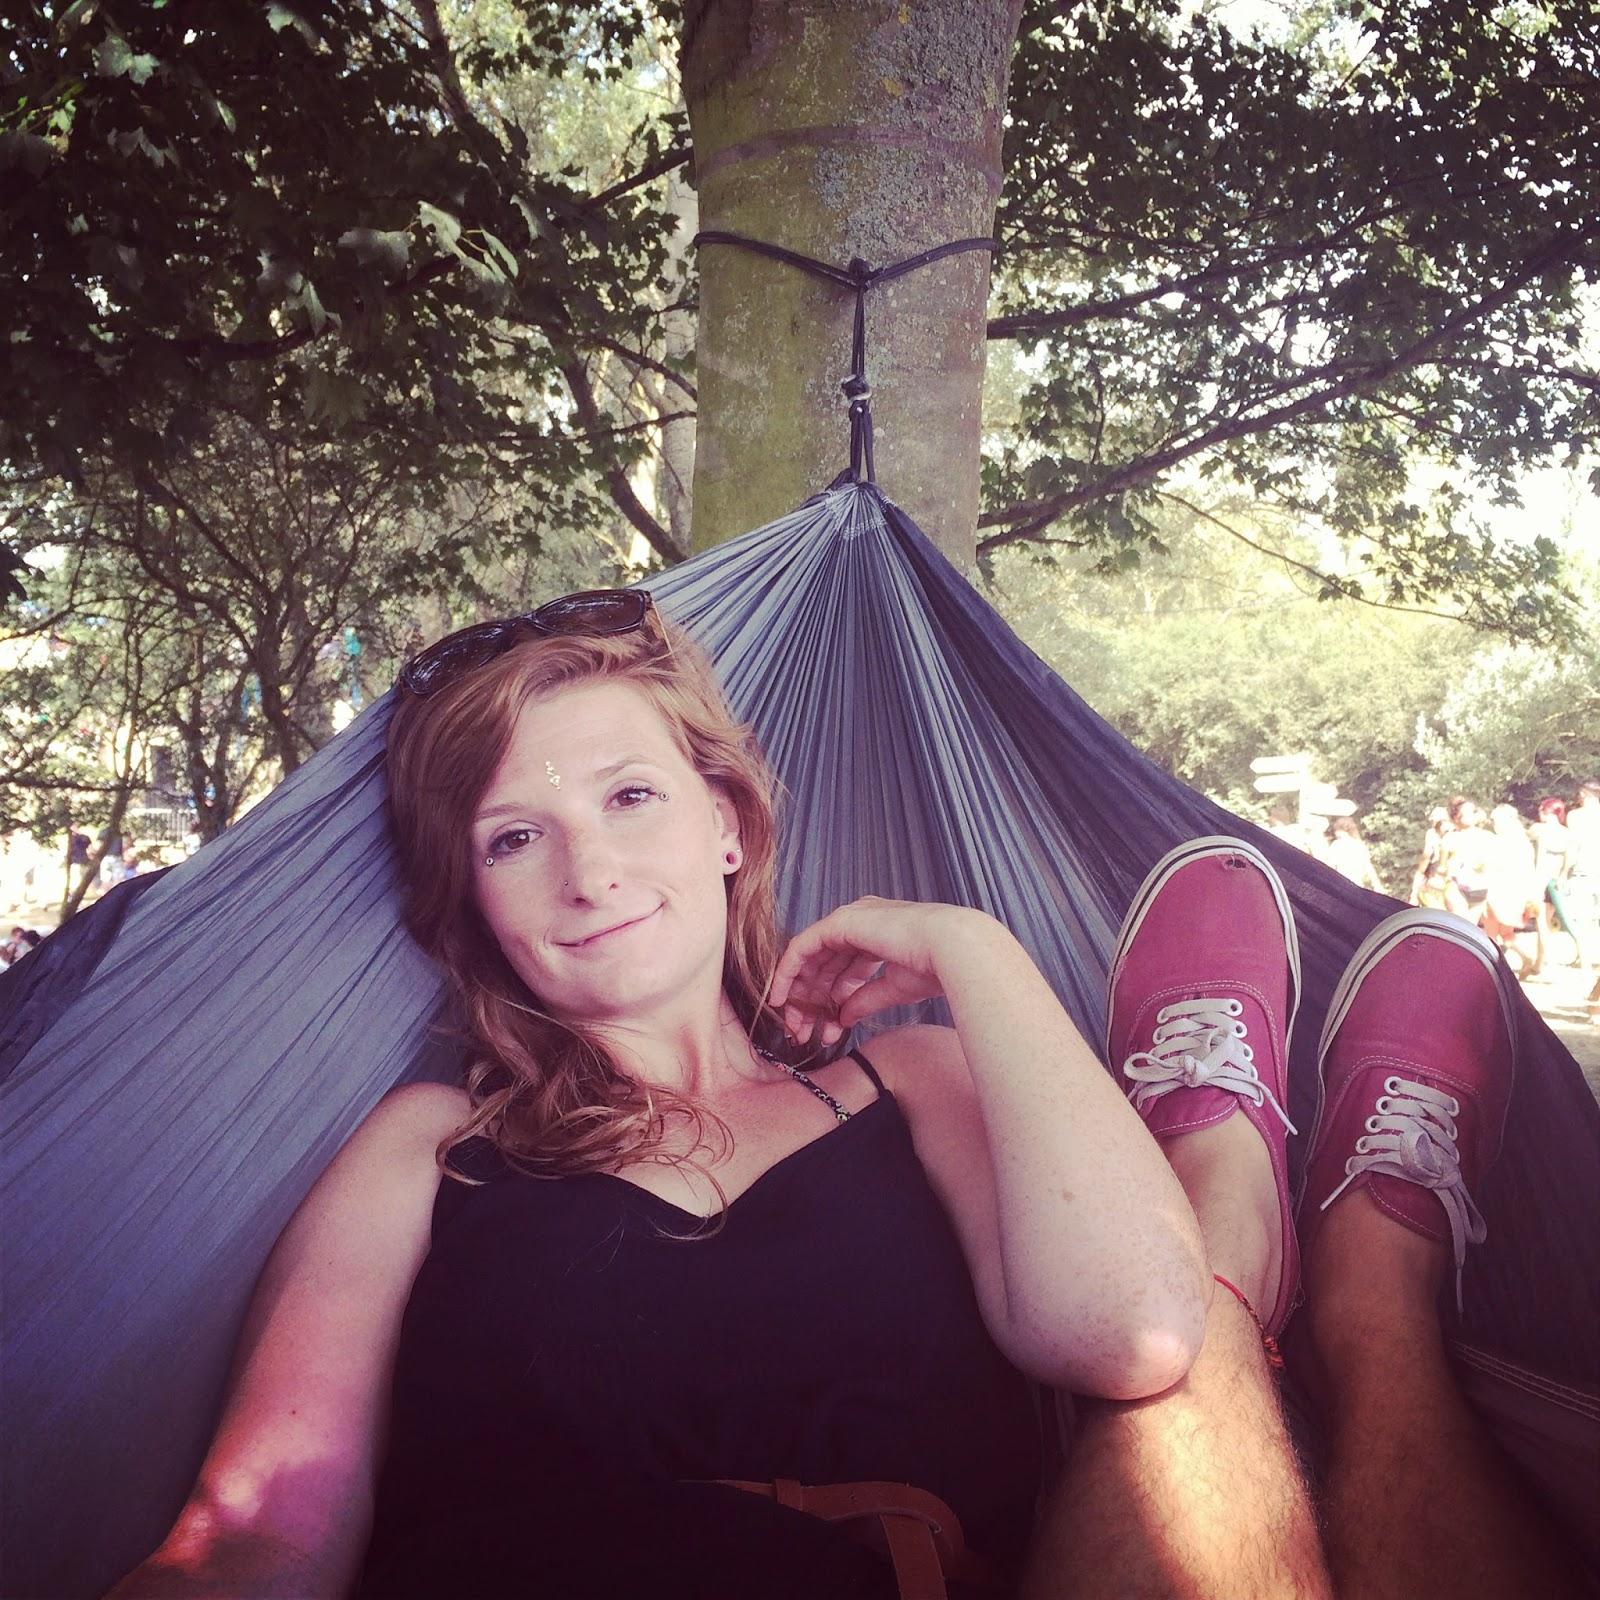 festival hammock